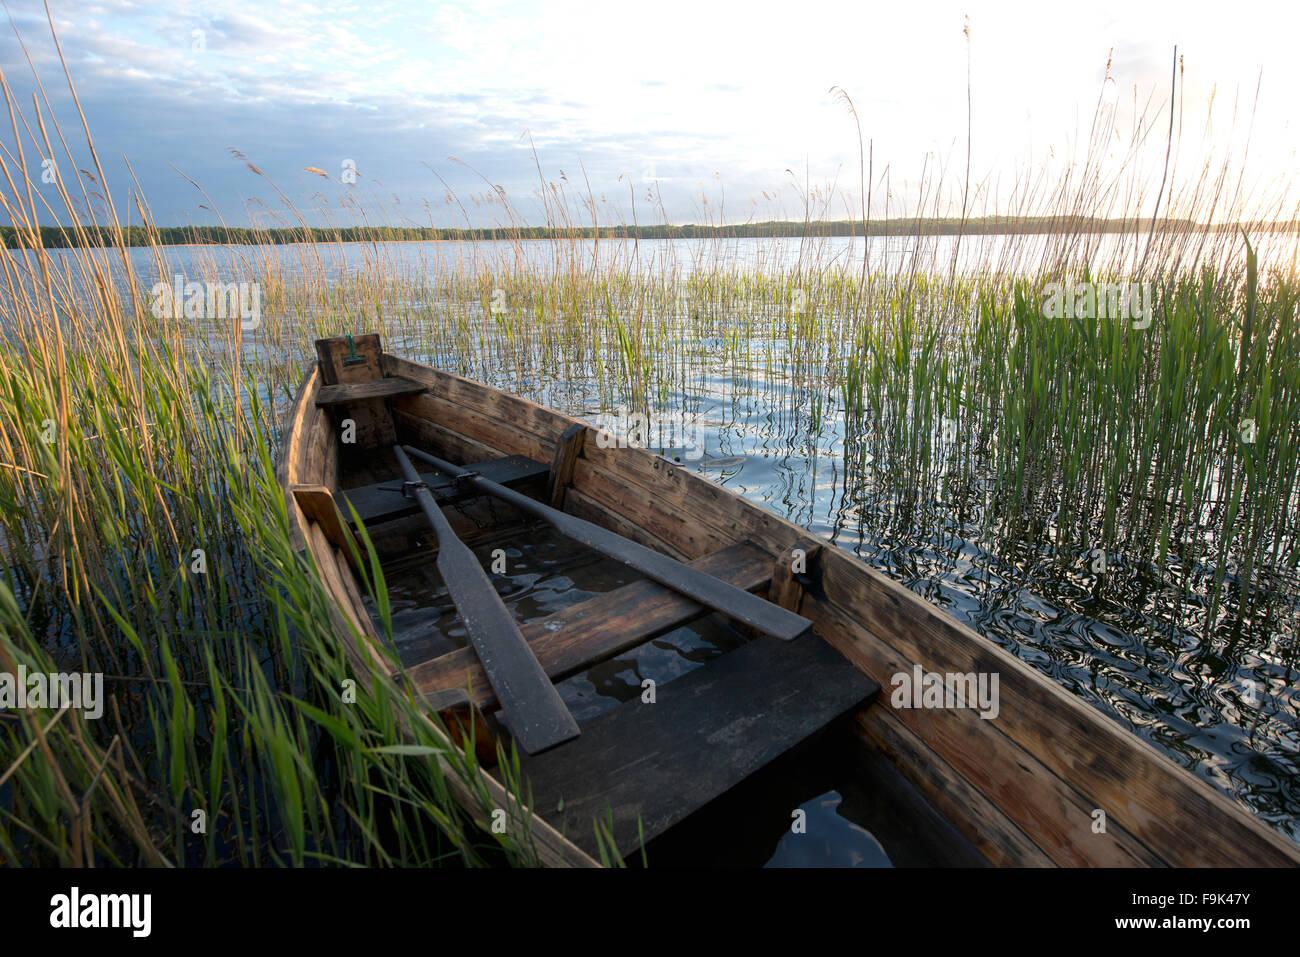 wooden rowboat, drawsko lake (jezioro drawsko), pomeranian lakeland (pojezierze pomorskie), west pomerania, poland - Stock Image